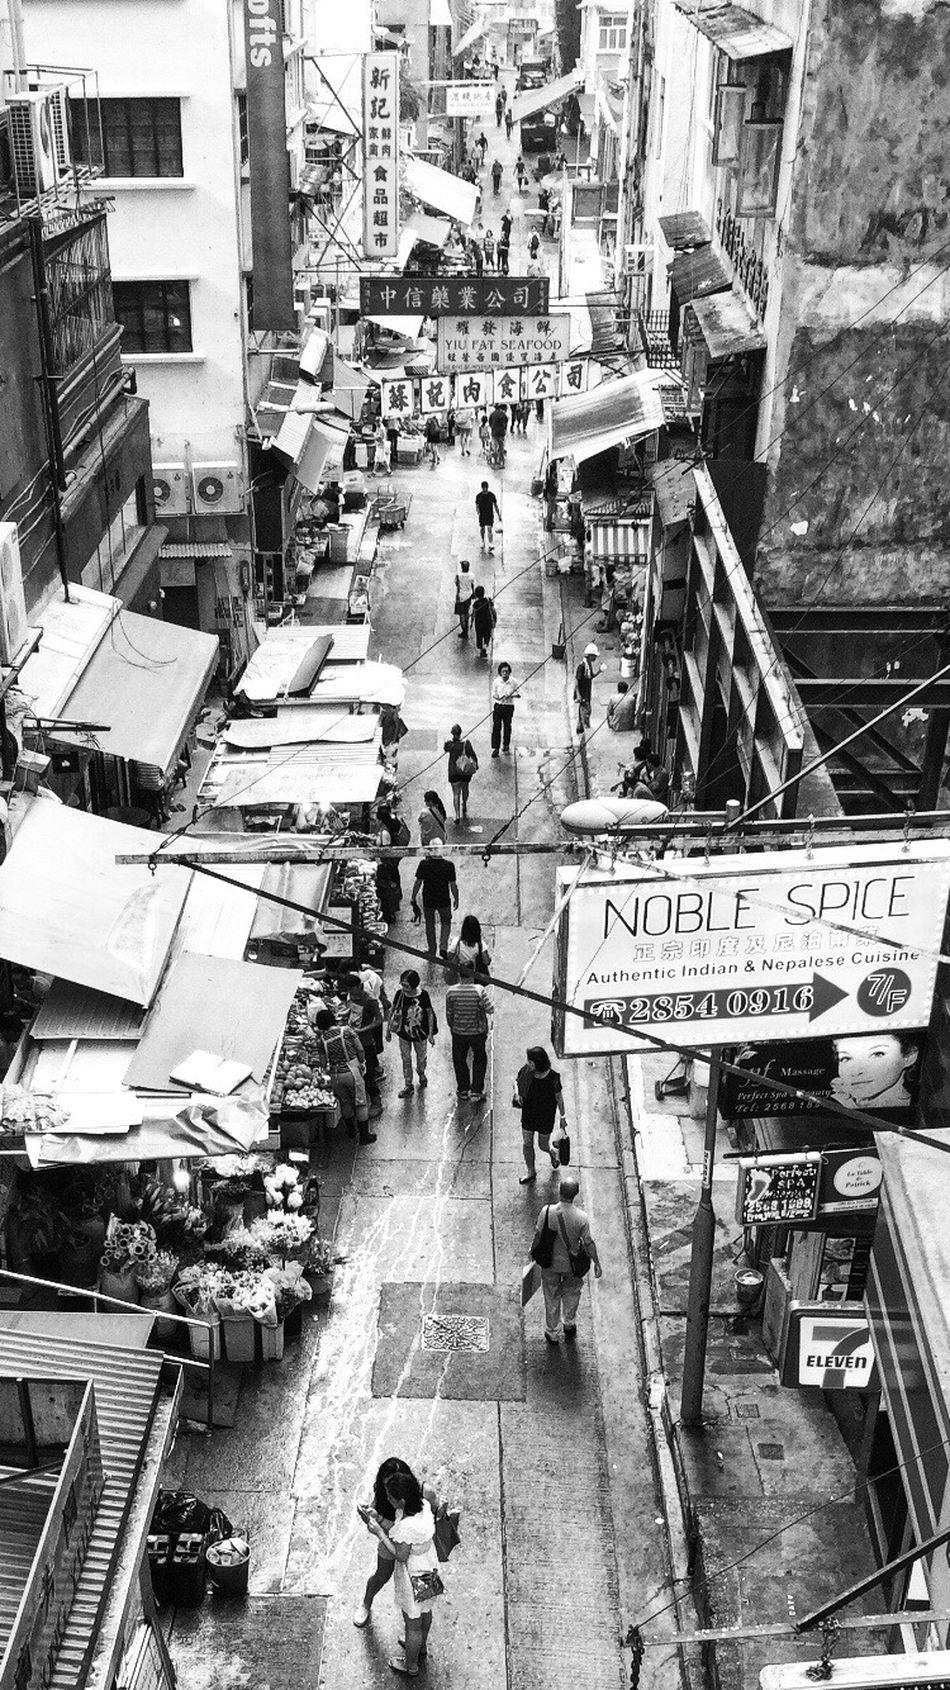 茫茫人海中 你岂会记得我 HongKong Cityscapes City Streetphotography Streetphoto_bw Black Blackandwhite Black & White Lonely Lifestyles Life Relaxing Missing You